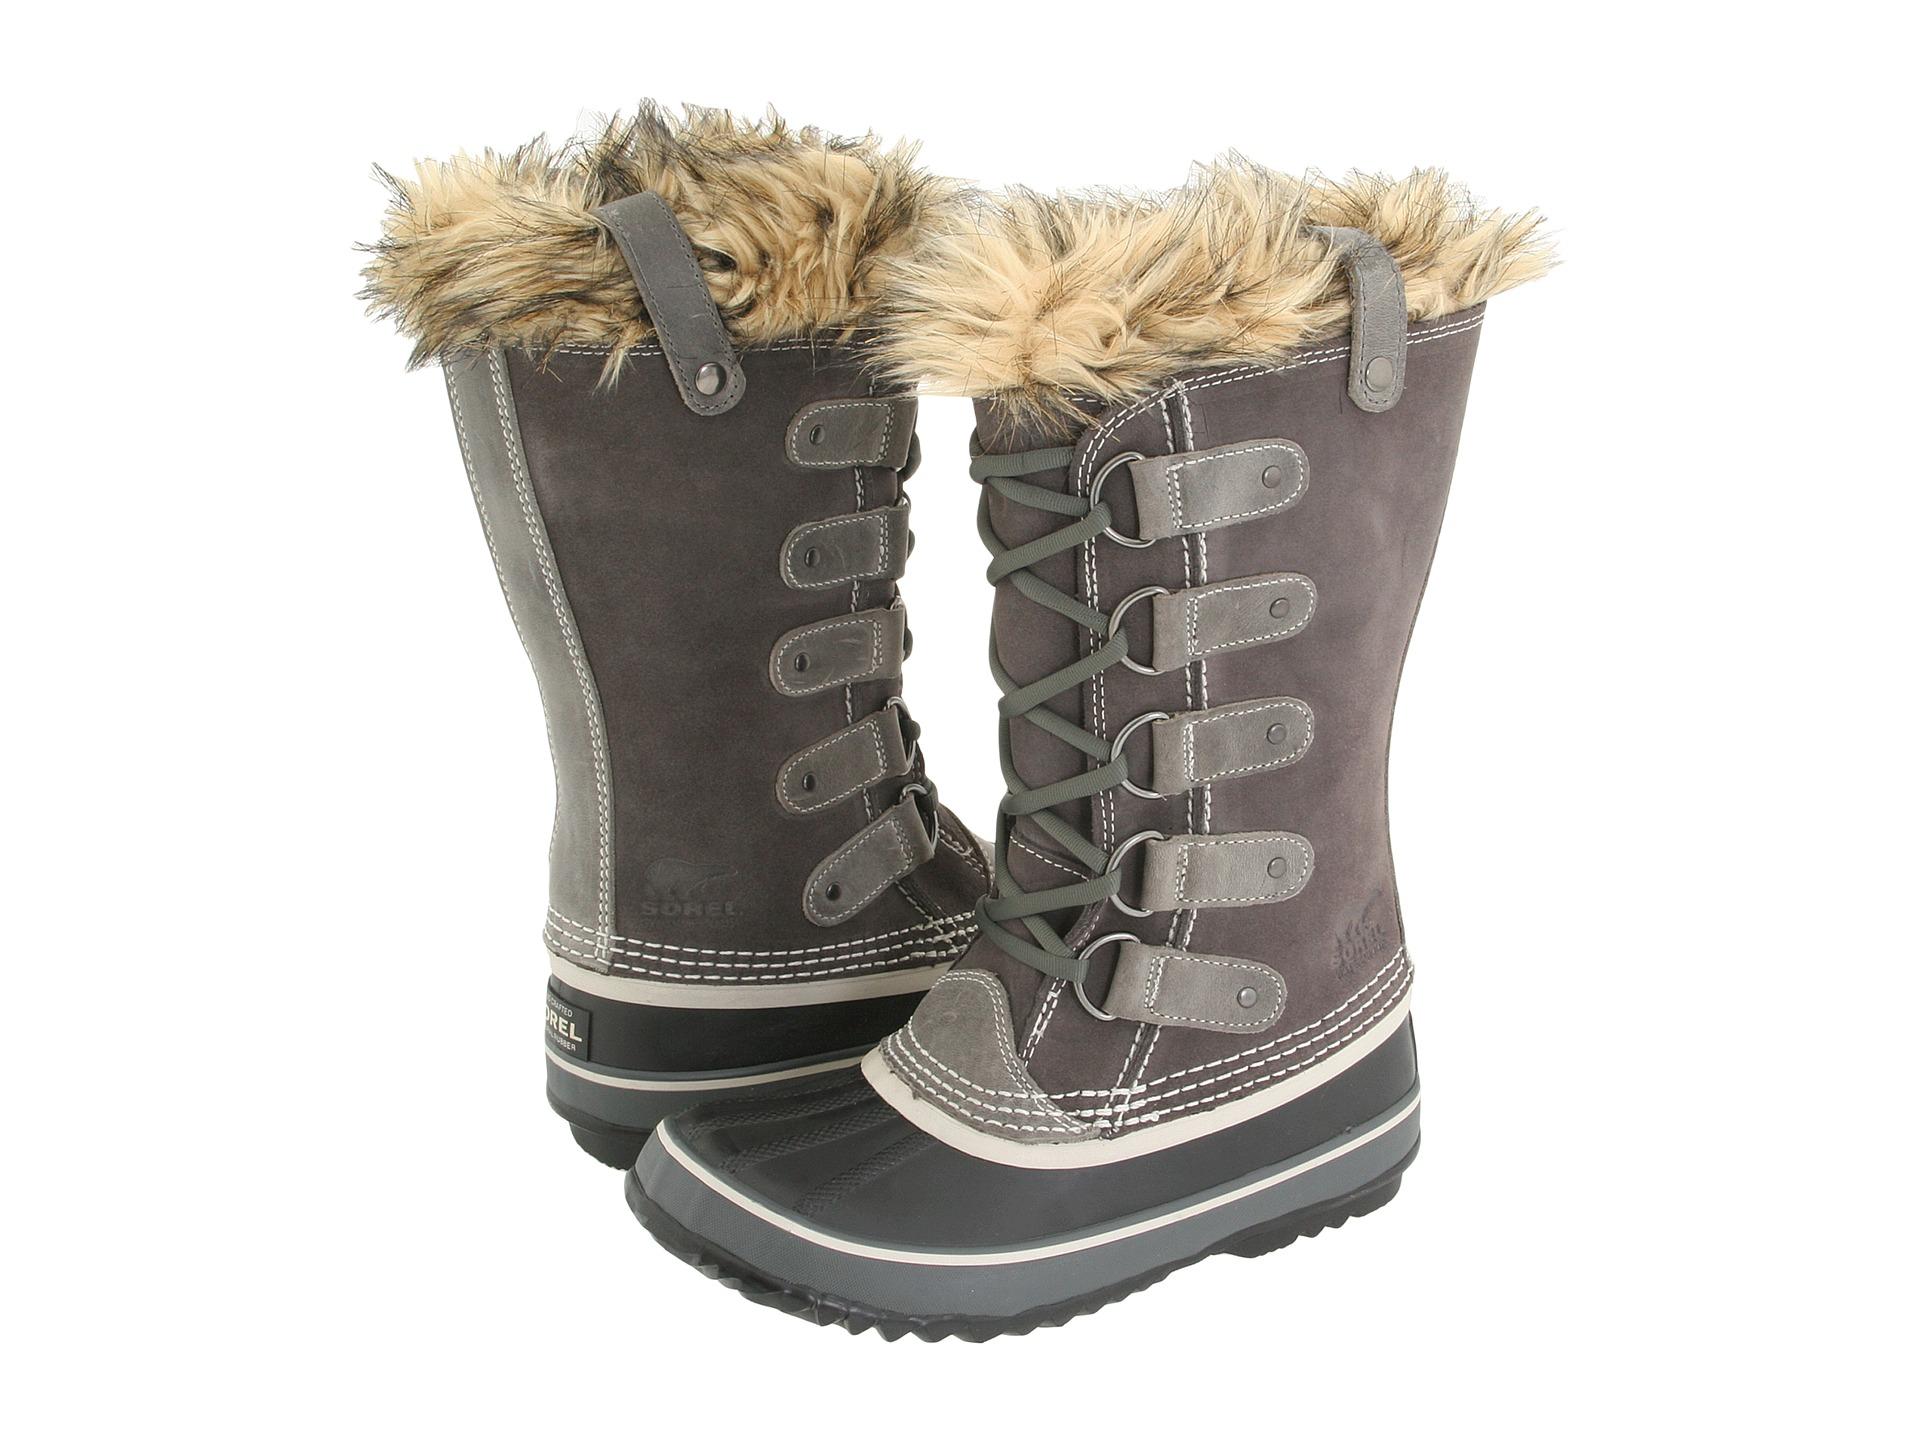 Best Sorel Waterproof Winter Snow Boots For Women On Sale ...